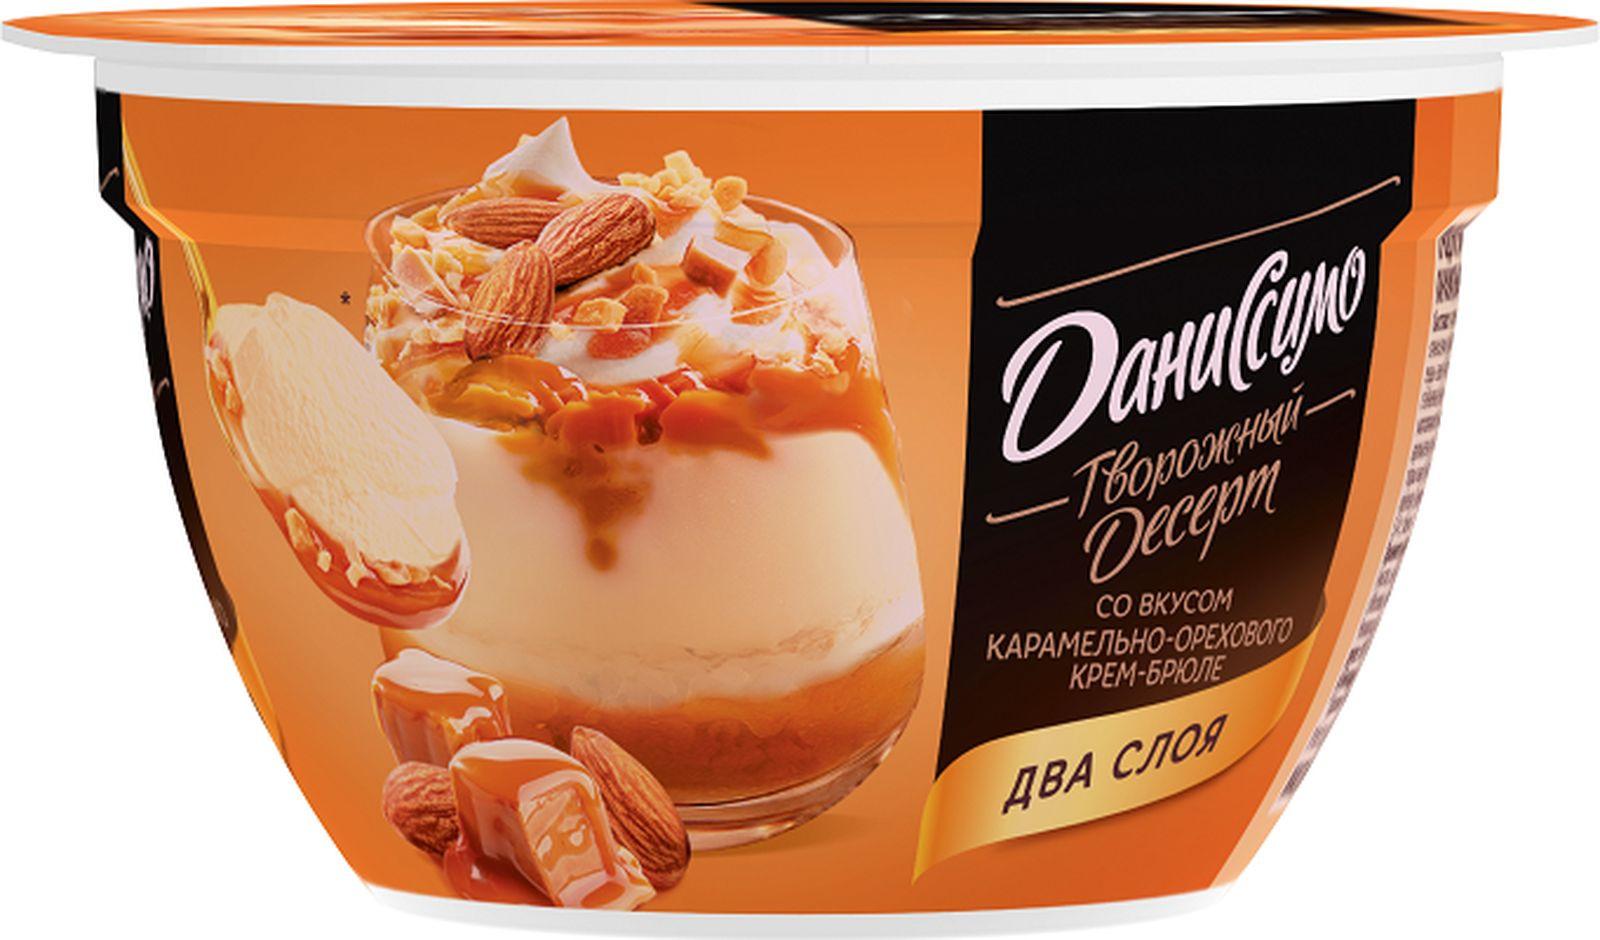 Десерт Даниссимо Карамельно-ореховое Крем-брюле, двухслойный, 140 г даниссимо продукт творожный ягодное мороженое 5 6